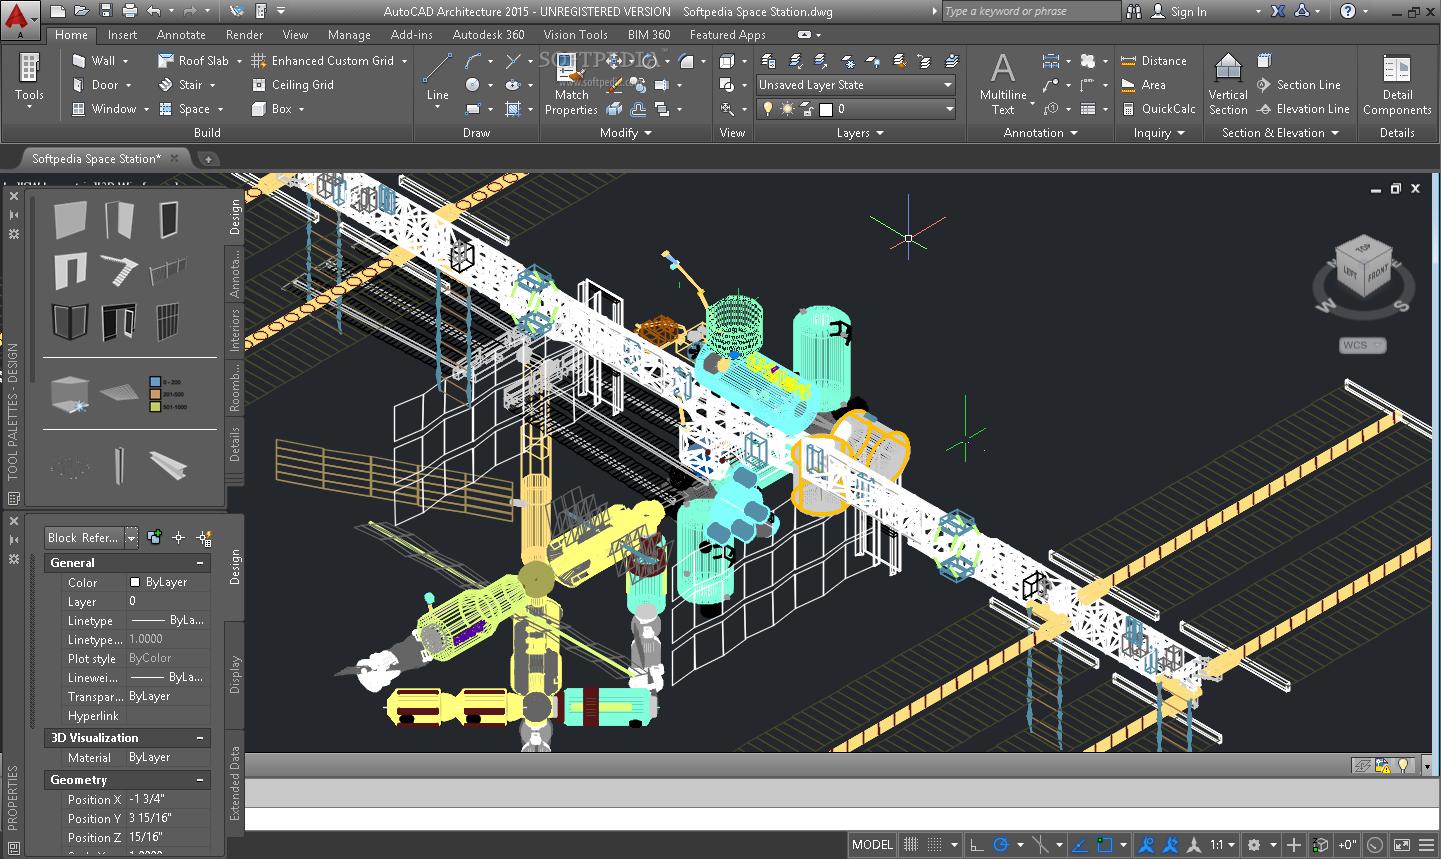 Autocad 2015 cải tiến và tích hợp nhiều tính năng về thiết kế